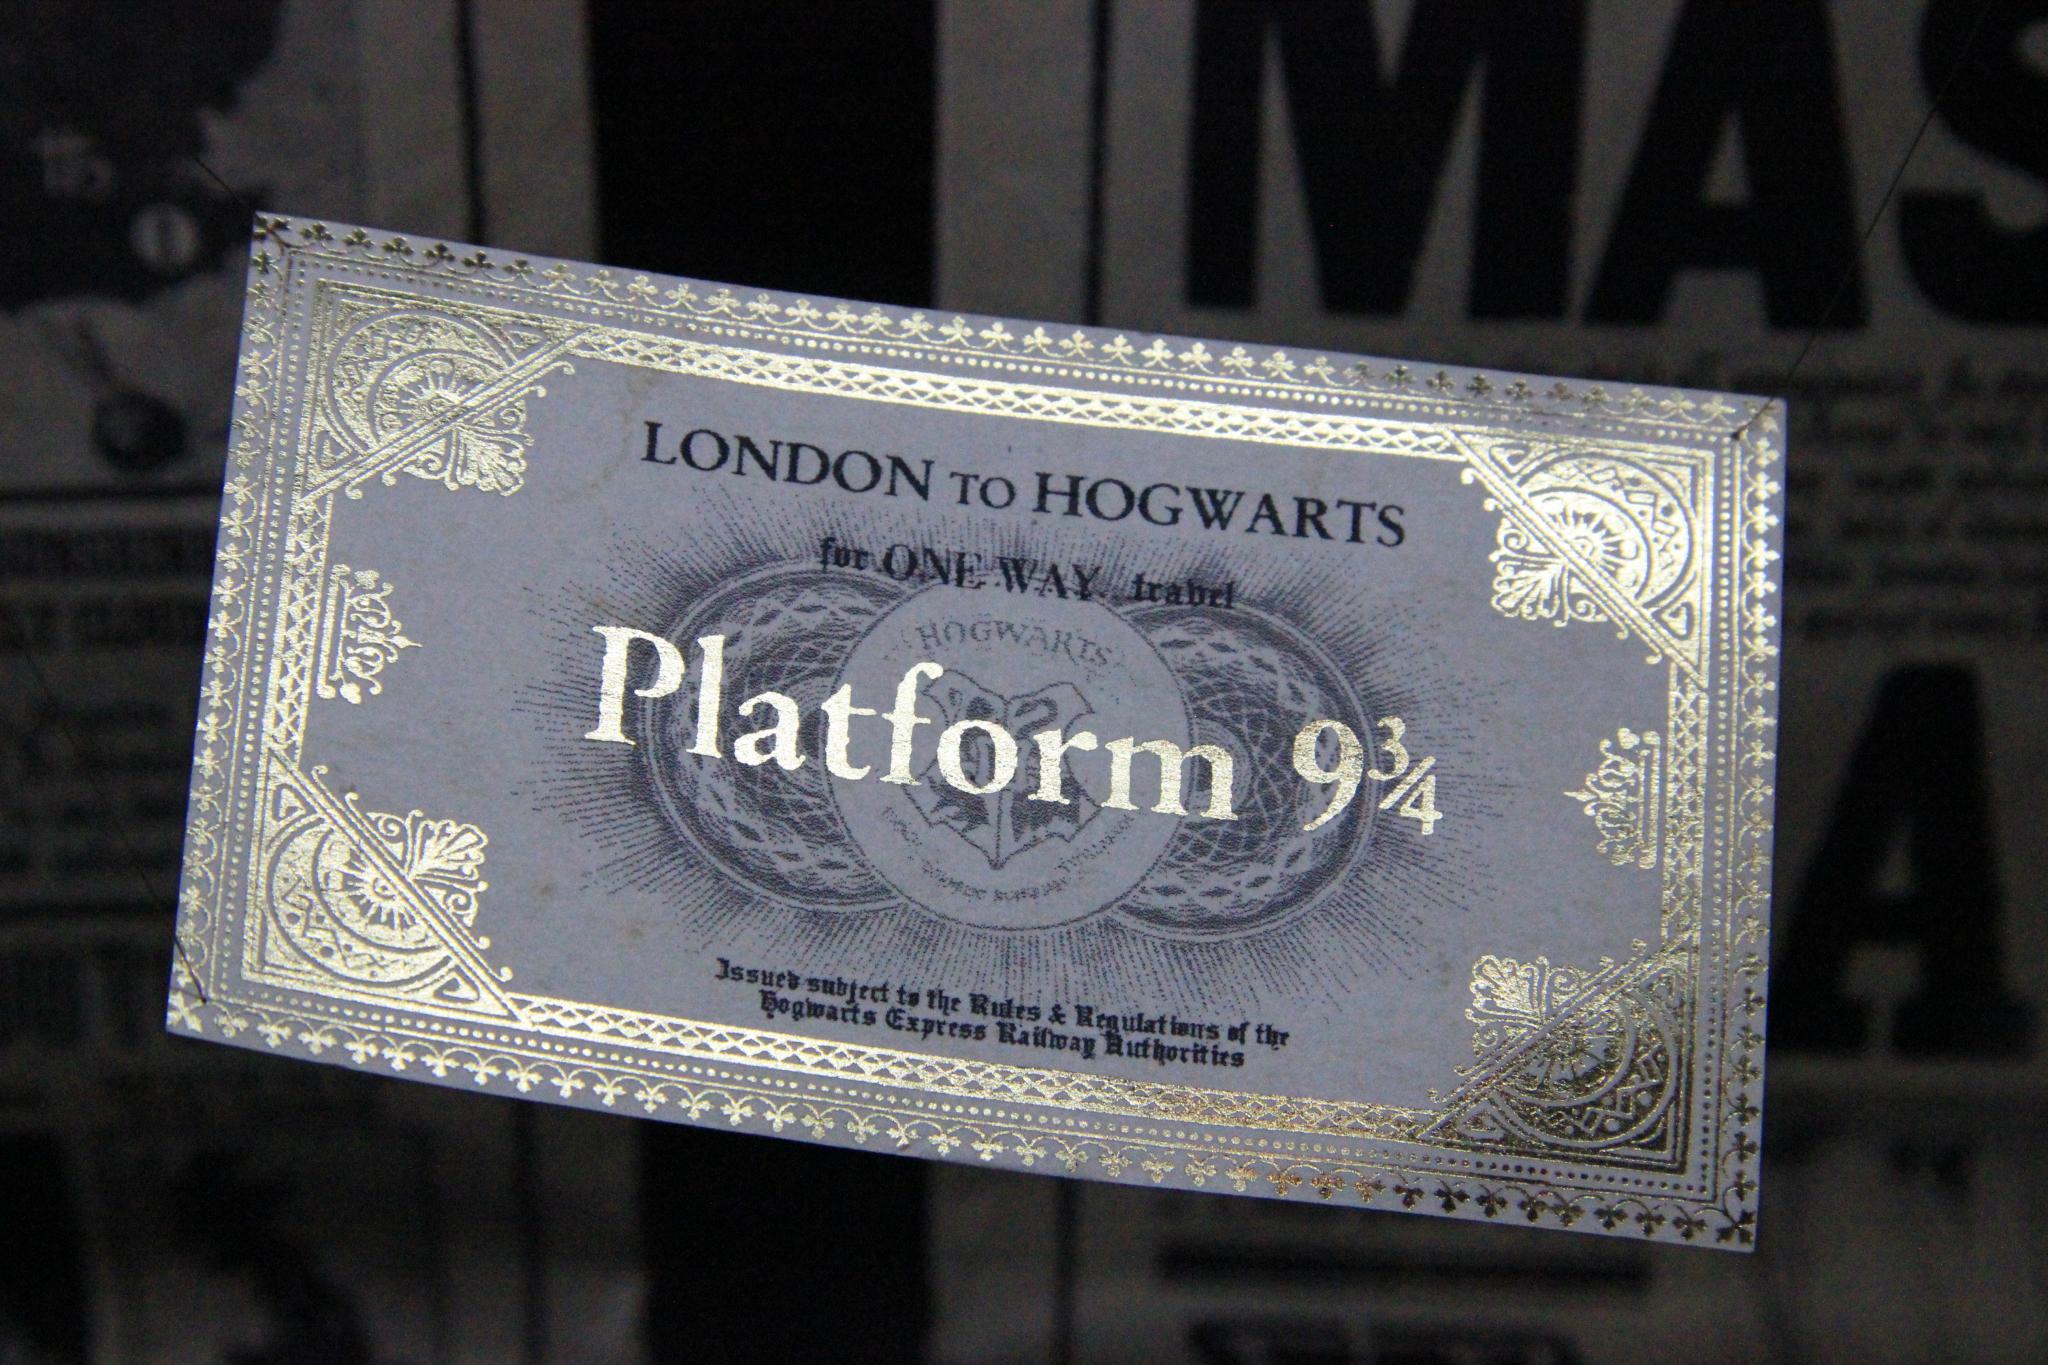 Harry Potter Studio Tour Tickets Resale